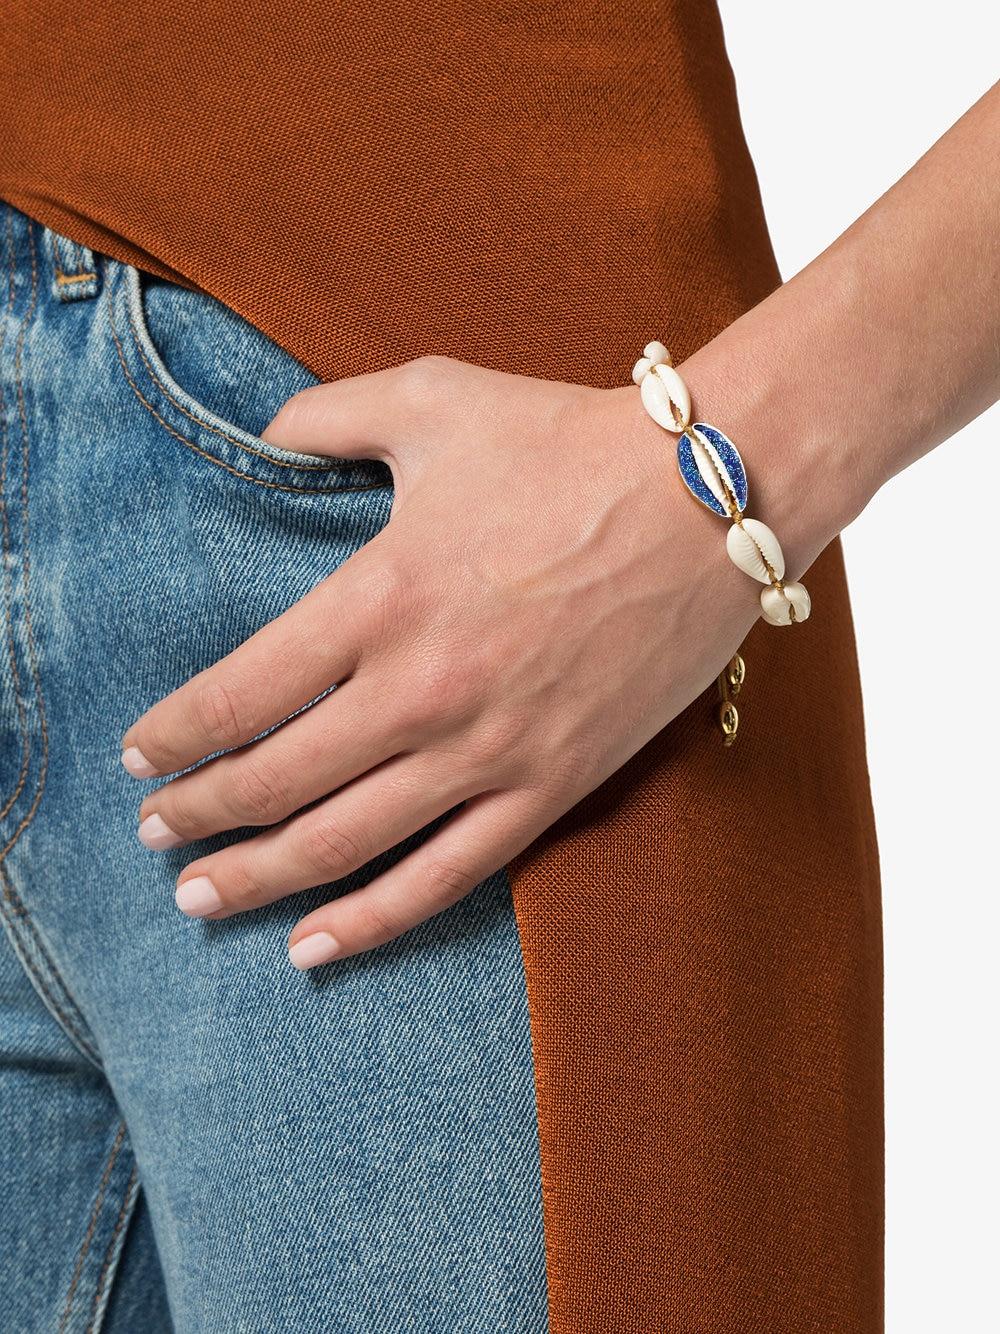 tohum-large-puka-natural-shell-bracelet_12991357_13657780_1000